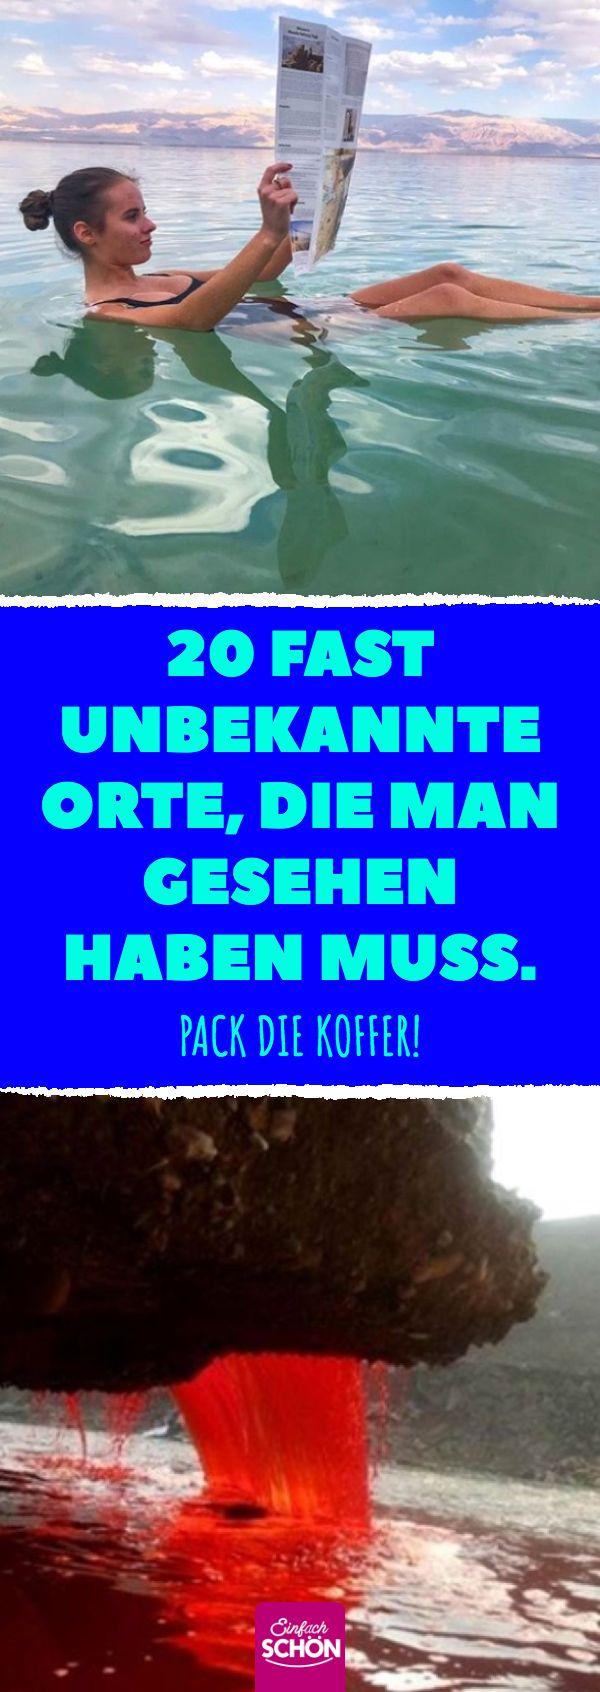 20 endroits presque inconnus, qu'il faut avoir vus. Emballez les valises! #kuriosit …   – Einfach schön